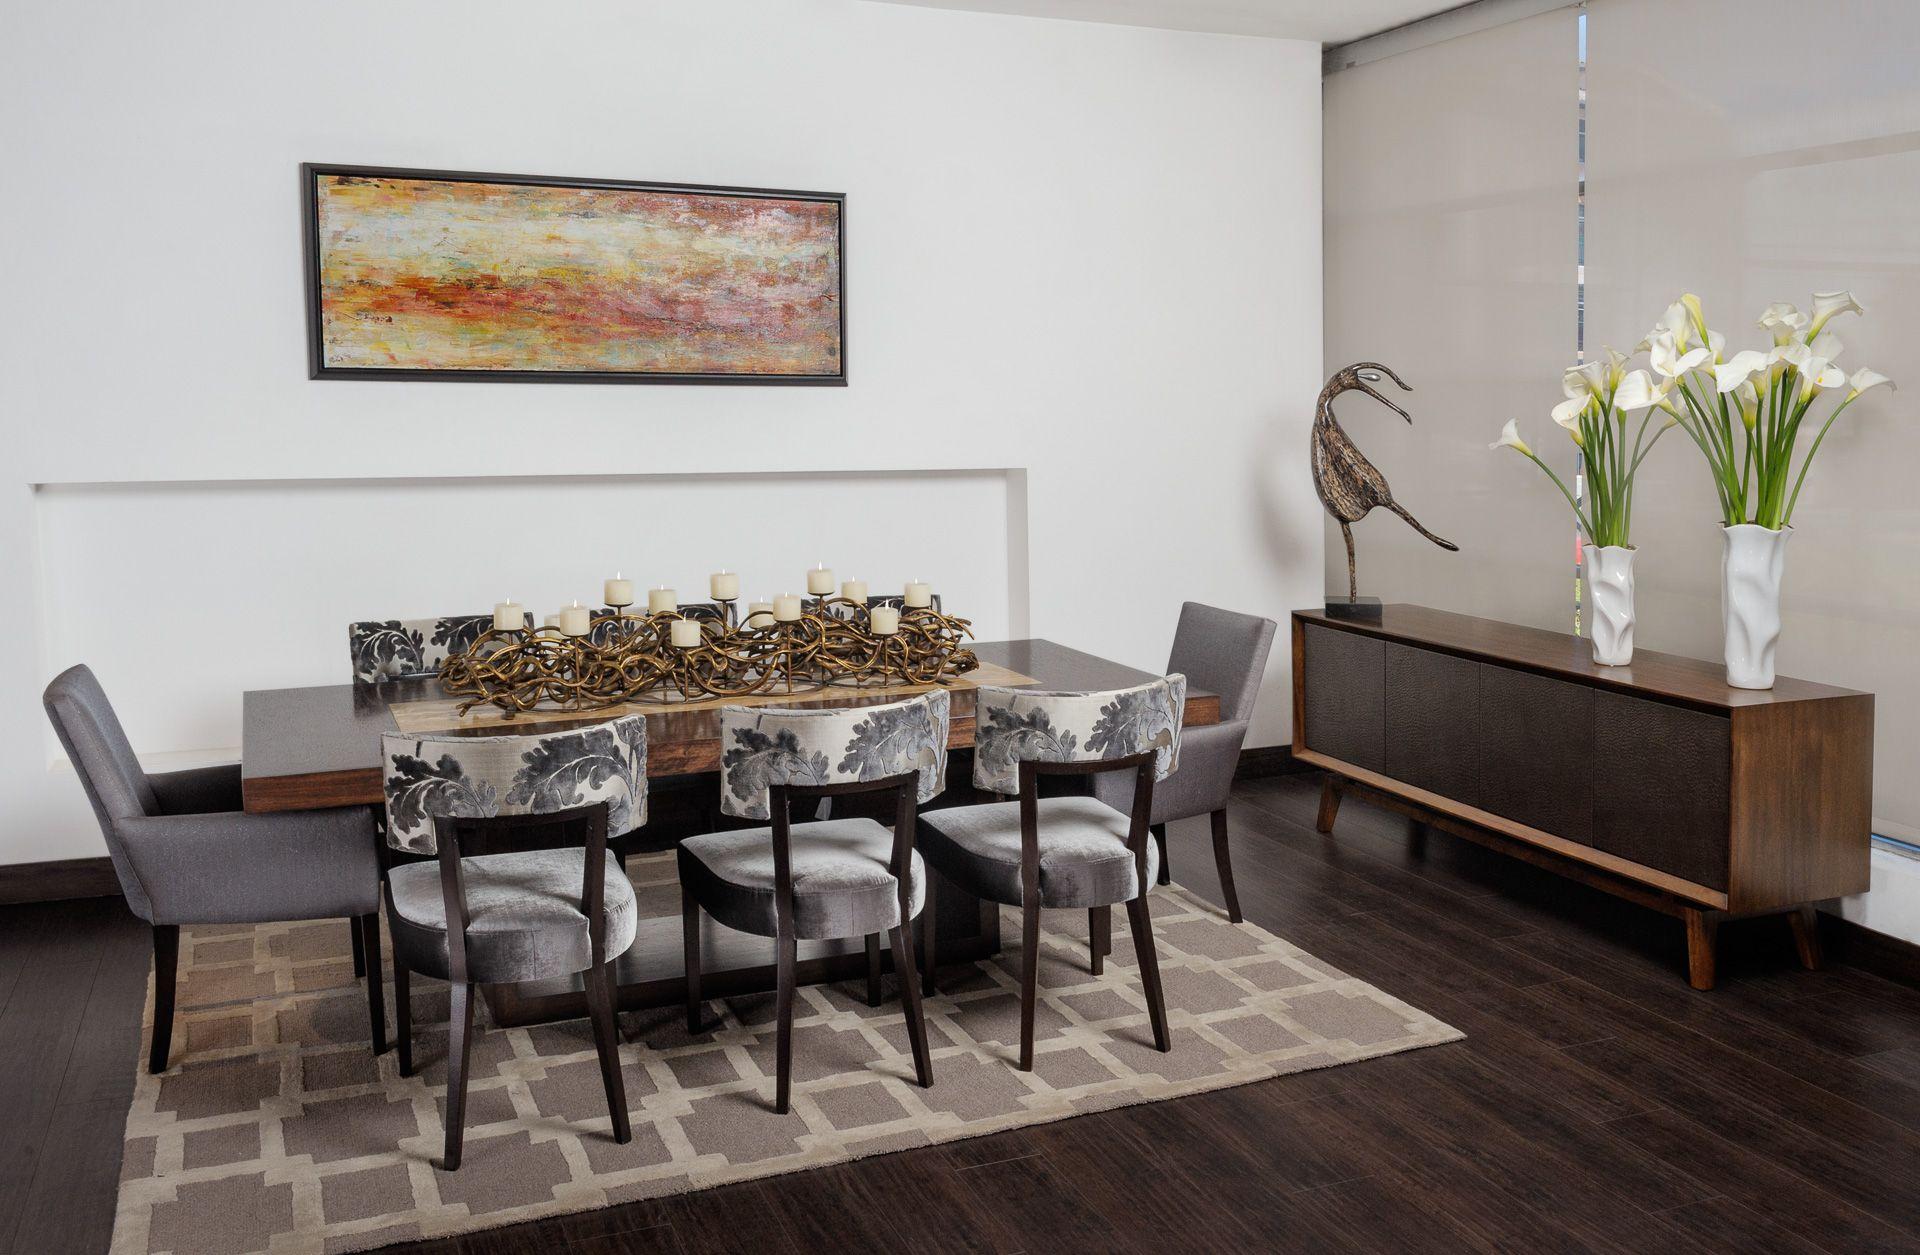 Silla de comedor soho con mesa de comedor catal n con for Mesas de marmol para comedor